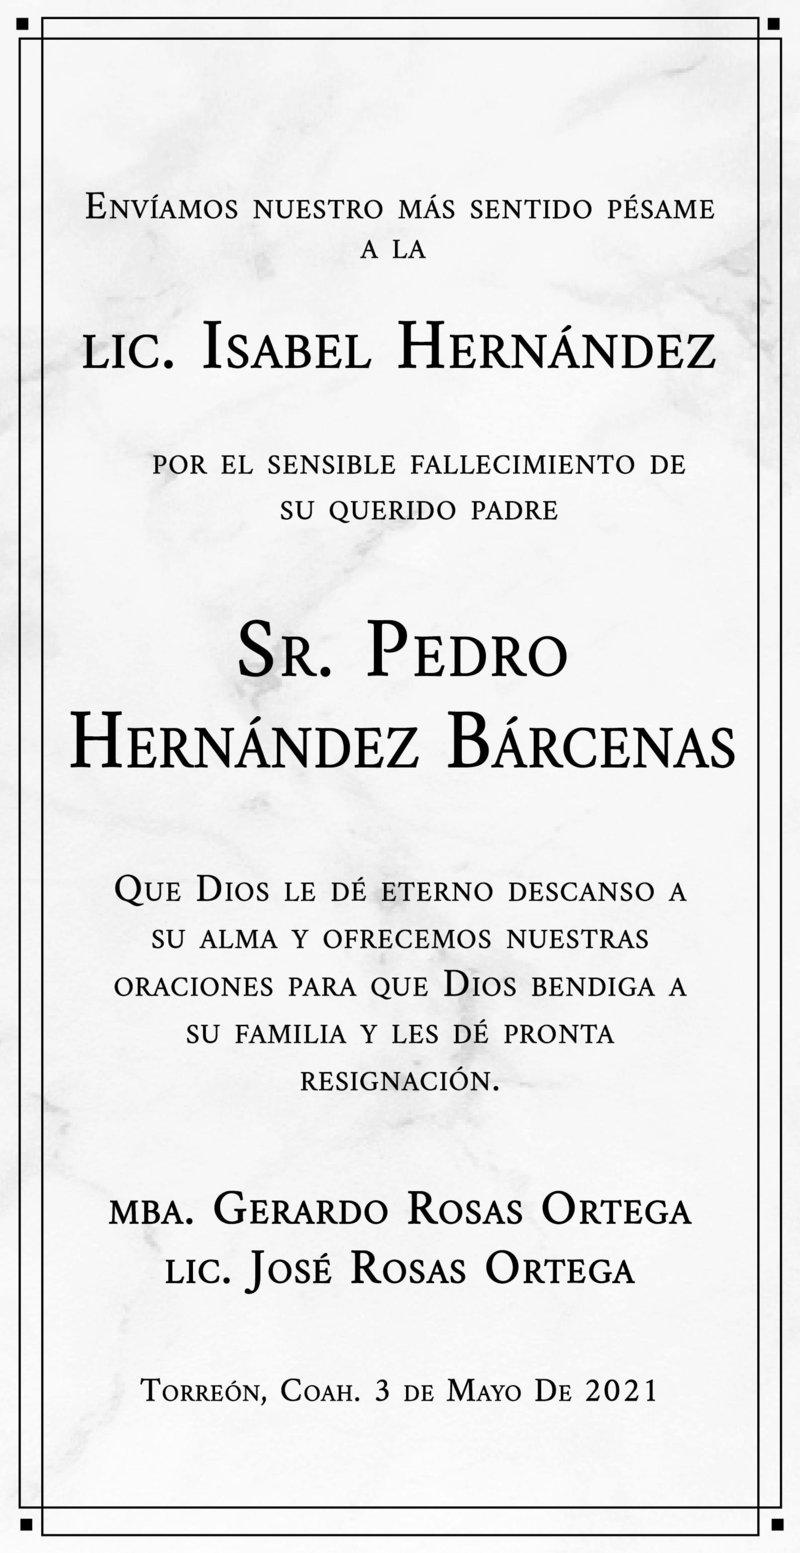 CONDOLENCIA: SR. PEDRO HERNÁNDEZ BÁRCENAS. Amigos de la Lic. Isabel Hernández le expresan su más sentido pésame por el fallecimiento de su padre, el Sr. Pedro Hernández Bárcenas. Descanse en paz.